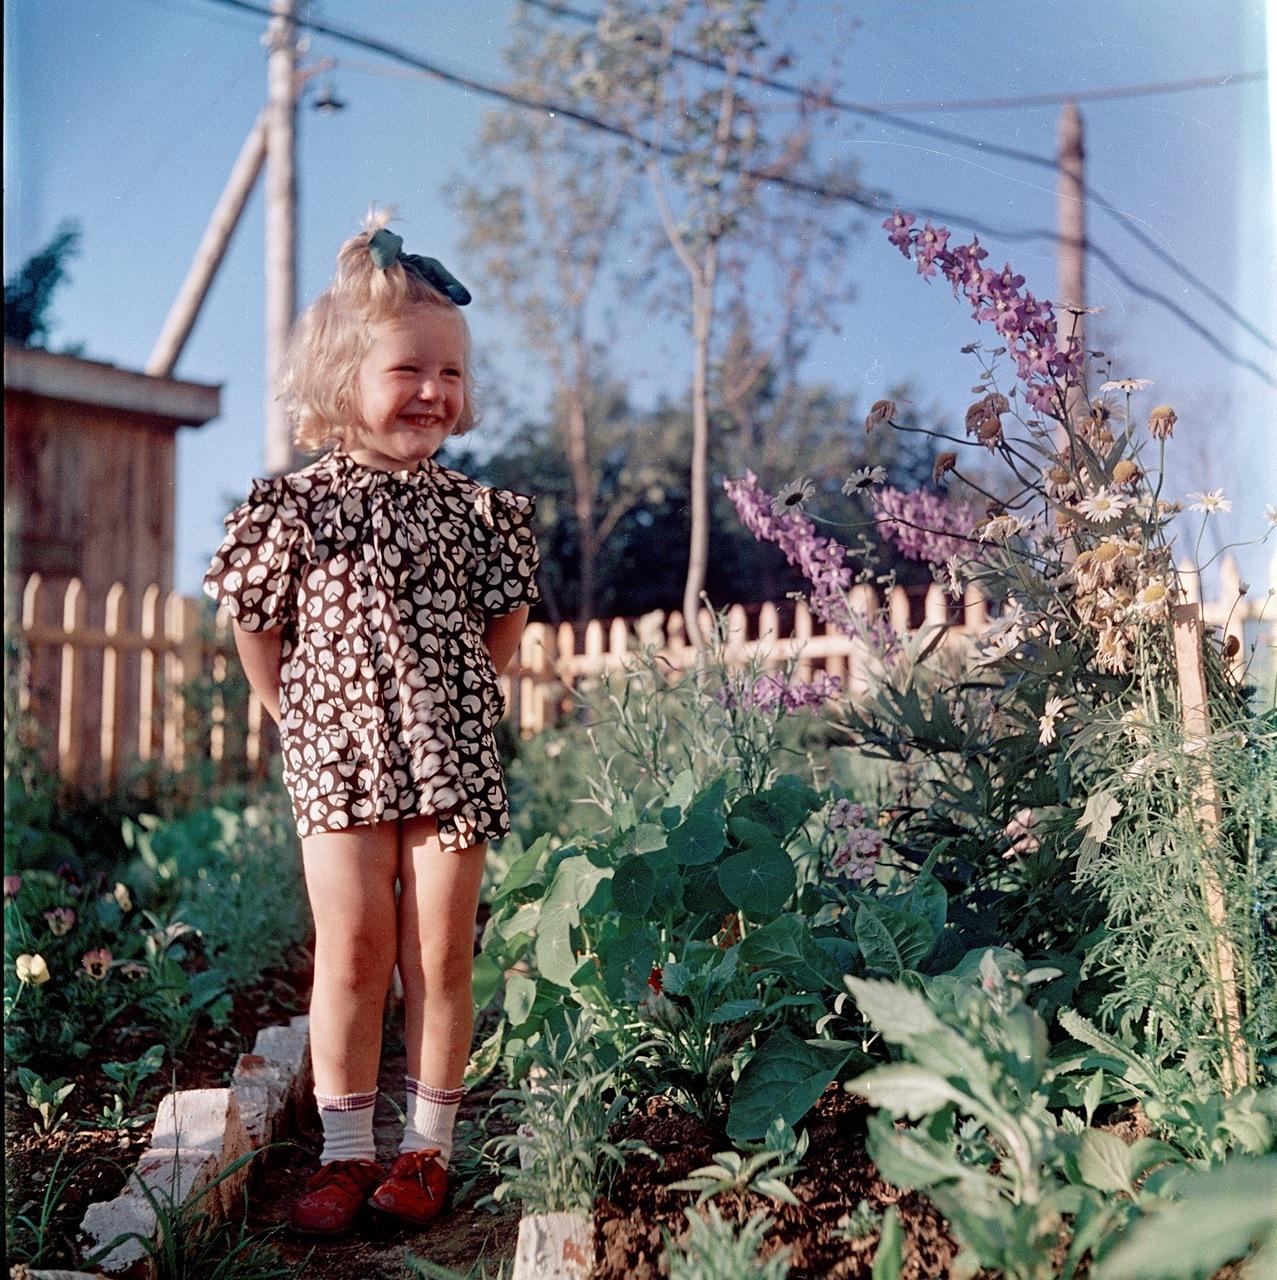 Девочка. Фотограф Семен Фридлянд